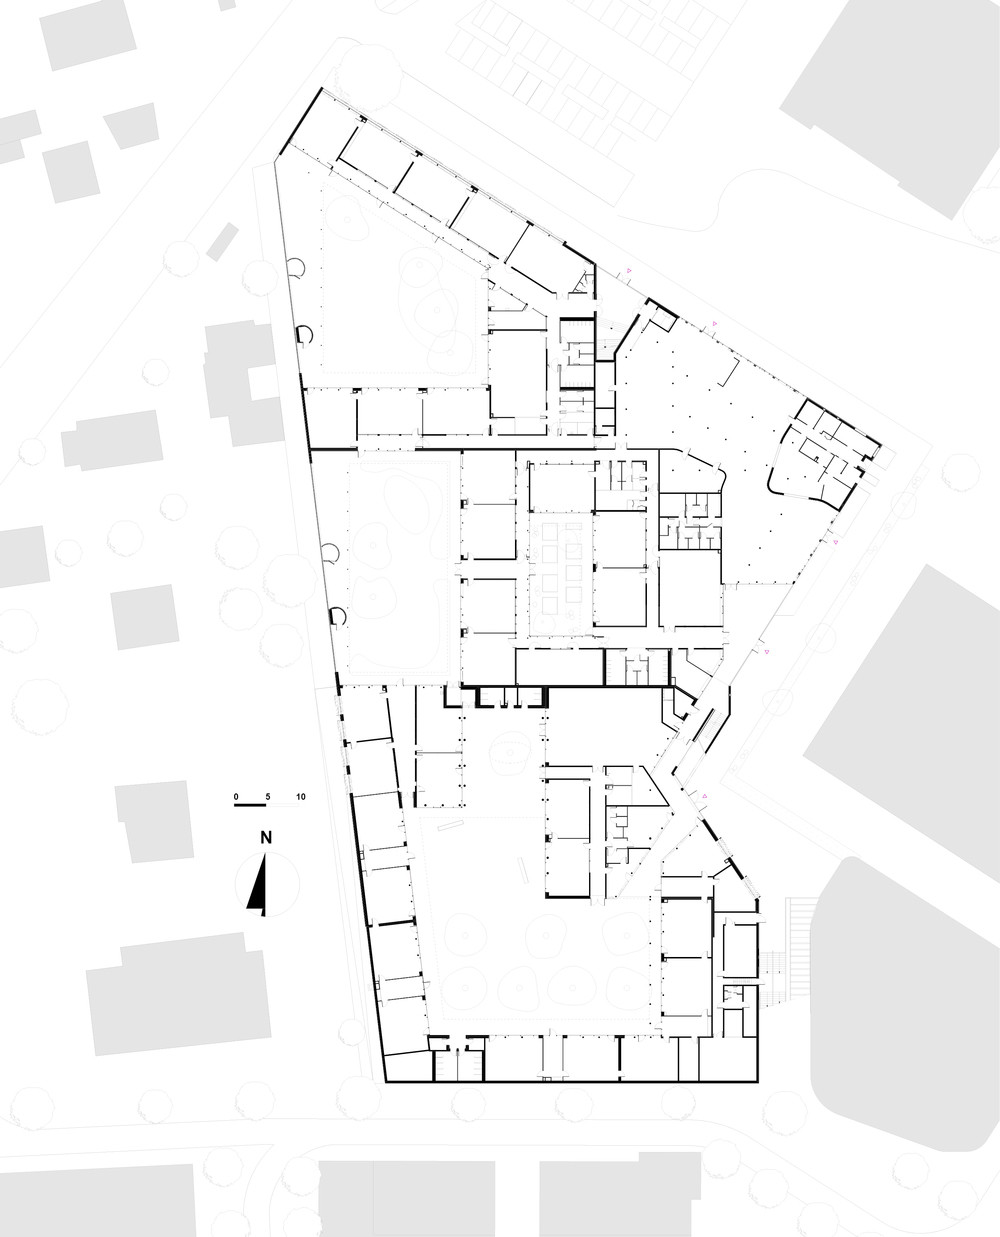 galeria de groupe scolaire pasteur r2k architectes 14. Black Bedroom Furniture Sets. Home Design Ideas